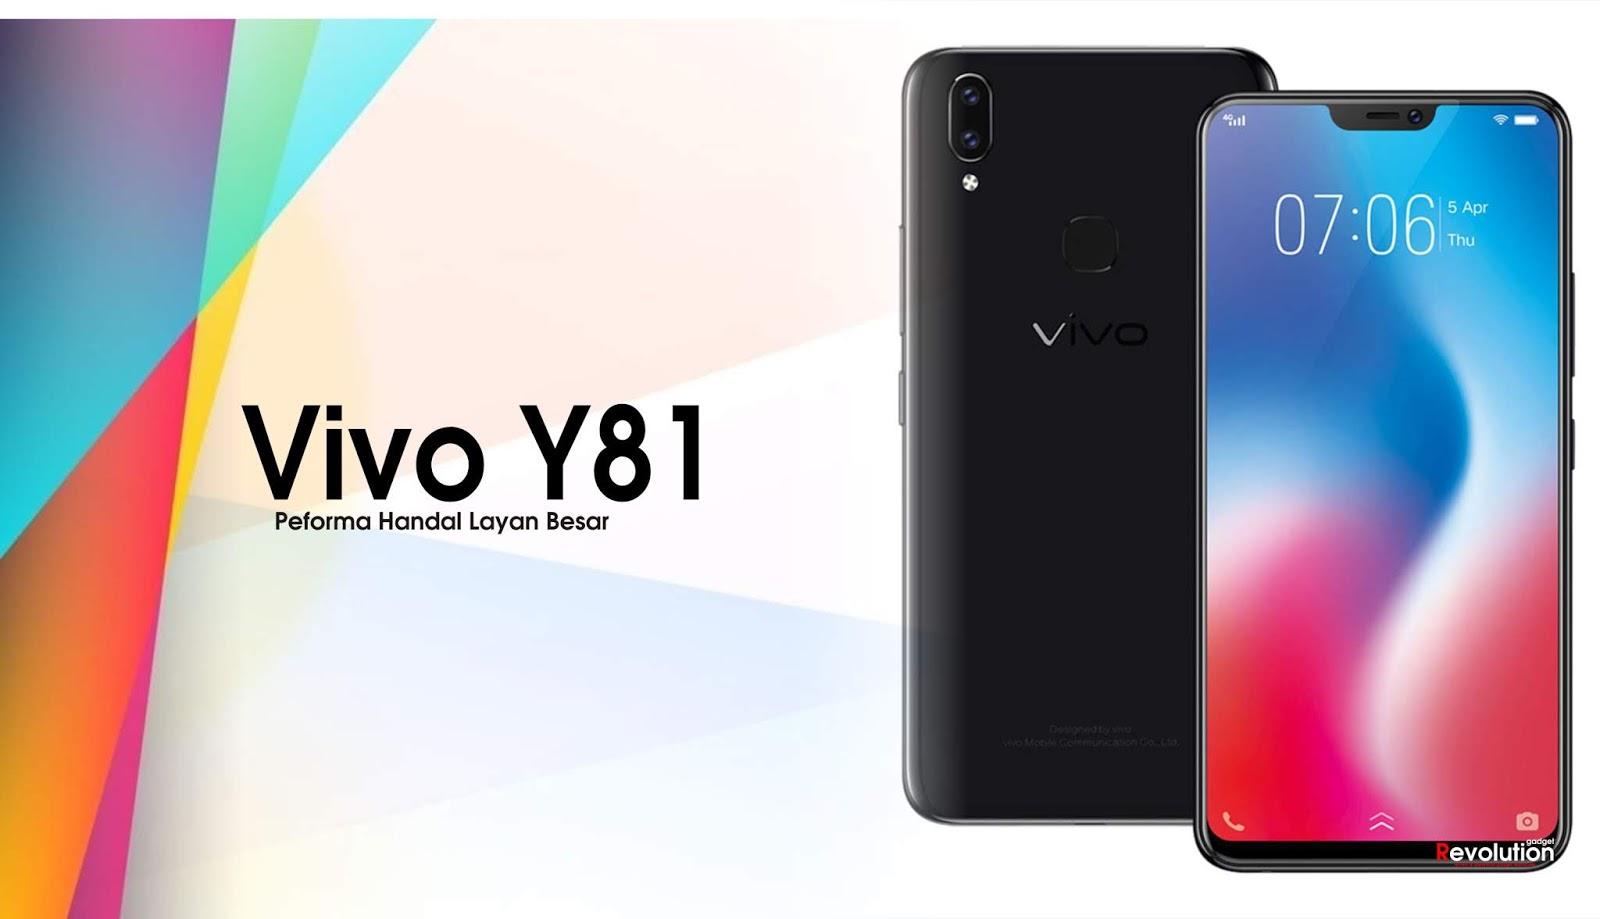 Harga Vivo Y81 Dan Spesifikasi Smartphone Layar Full Hd